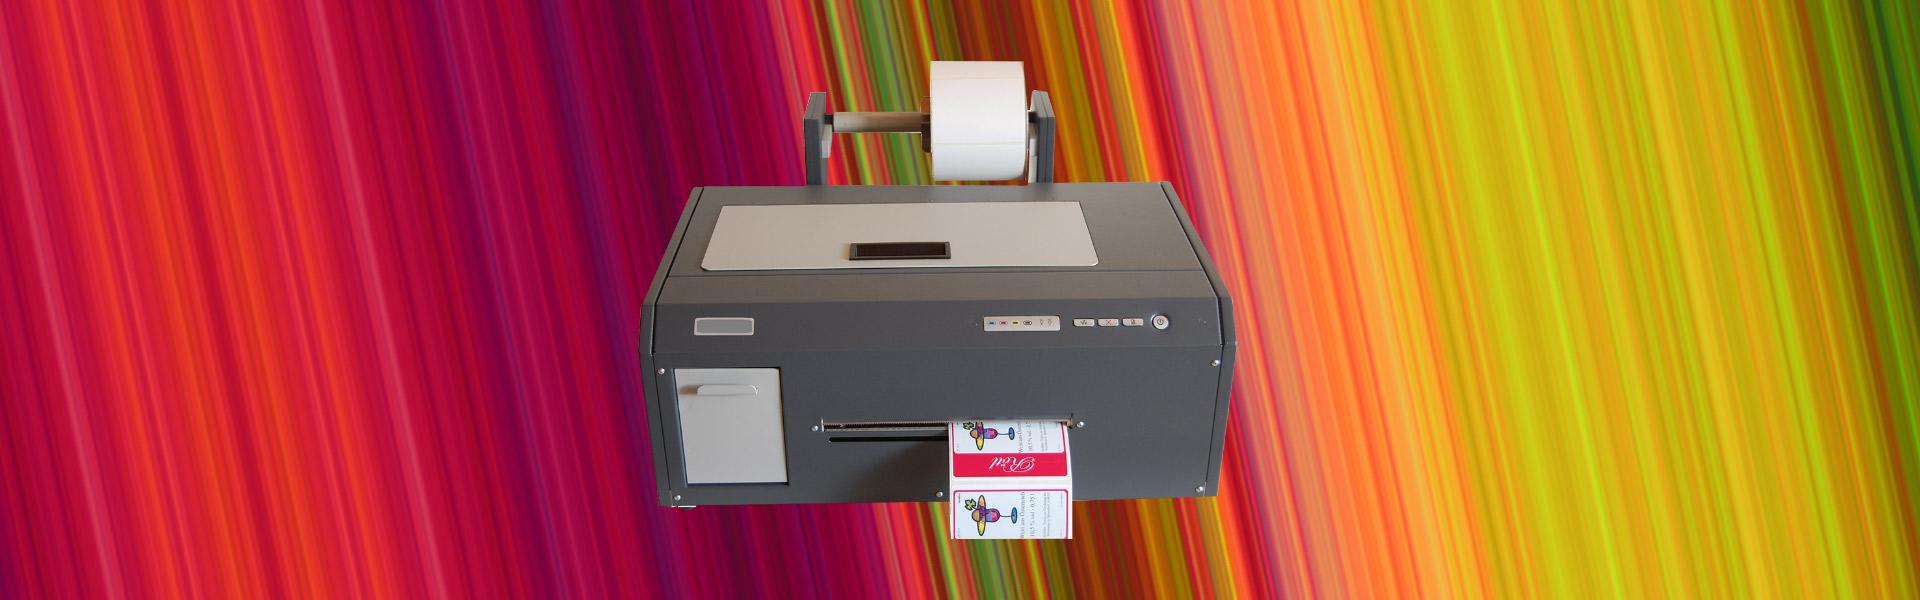 Digitsles Etikettendrucksystem Printpix